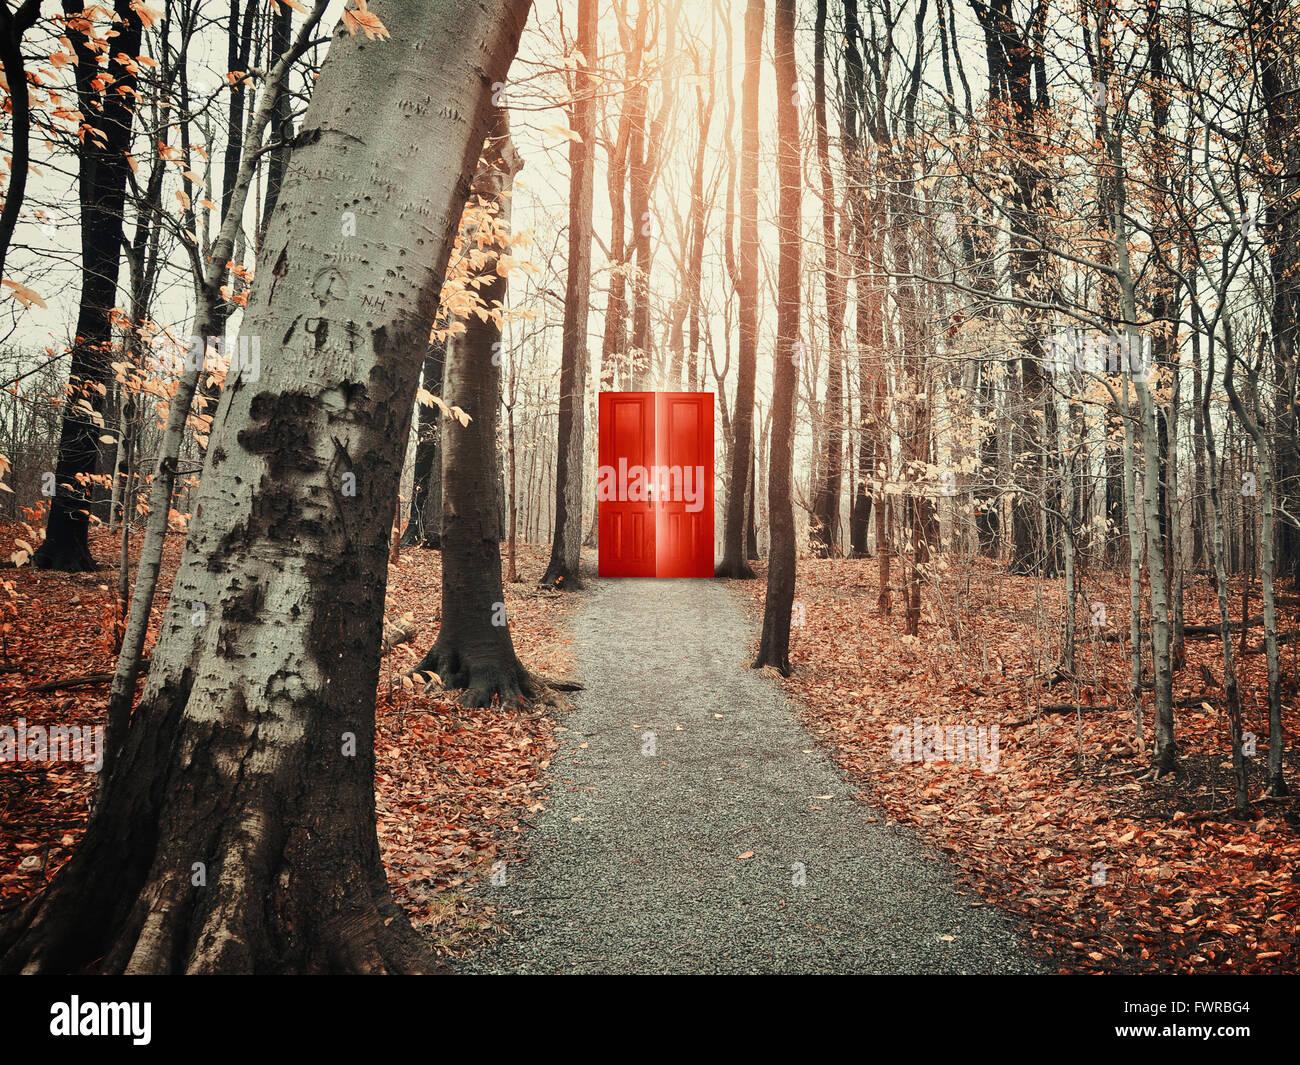 Vue d'un chemin rocailleux sentier dans la forêt de l'automne avec des lèvres d'un rouge incandescent porte à une Banque D'Images